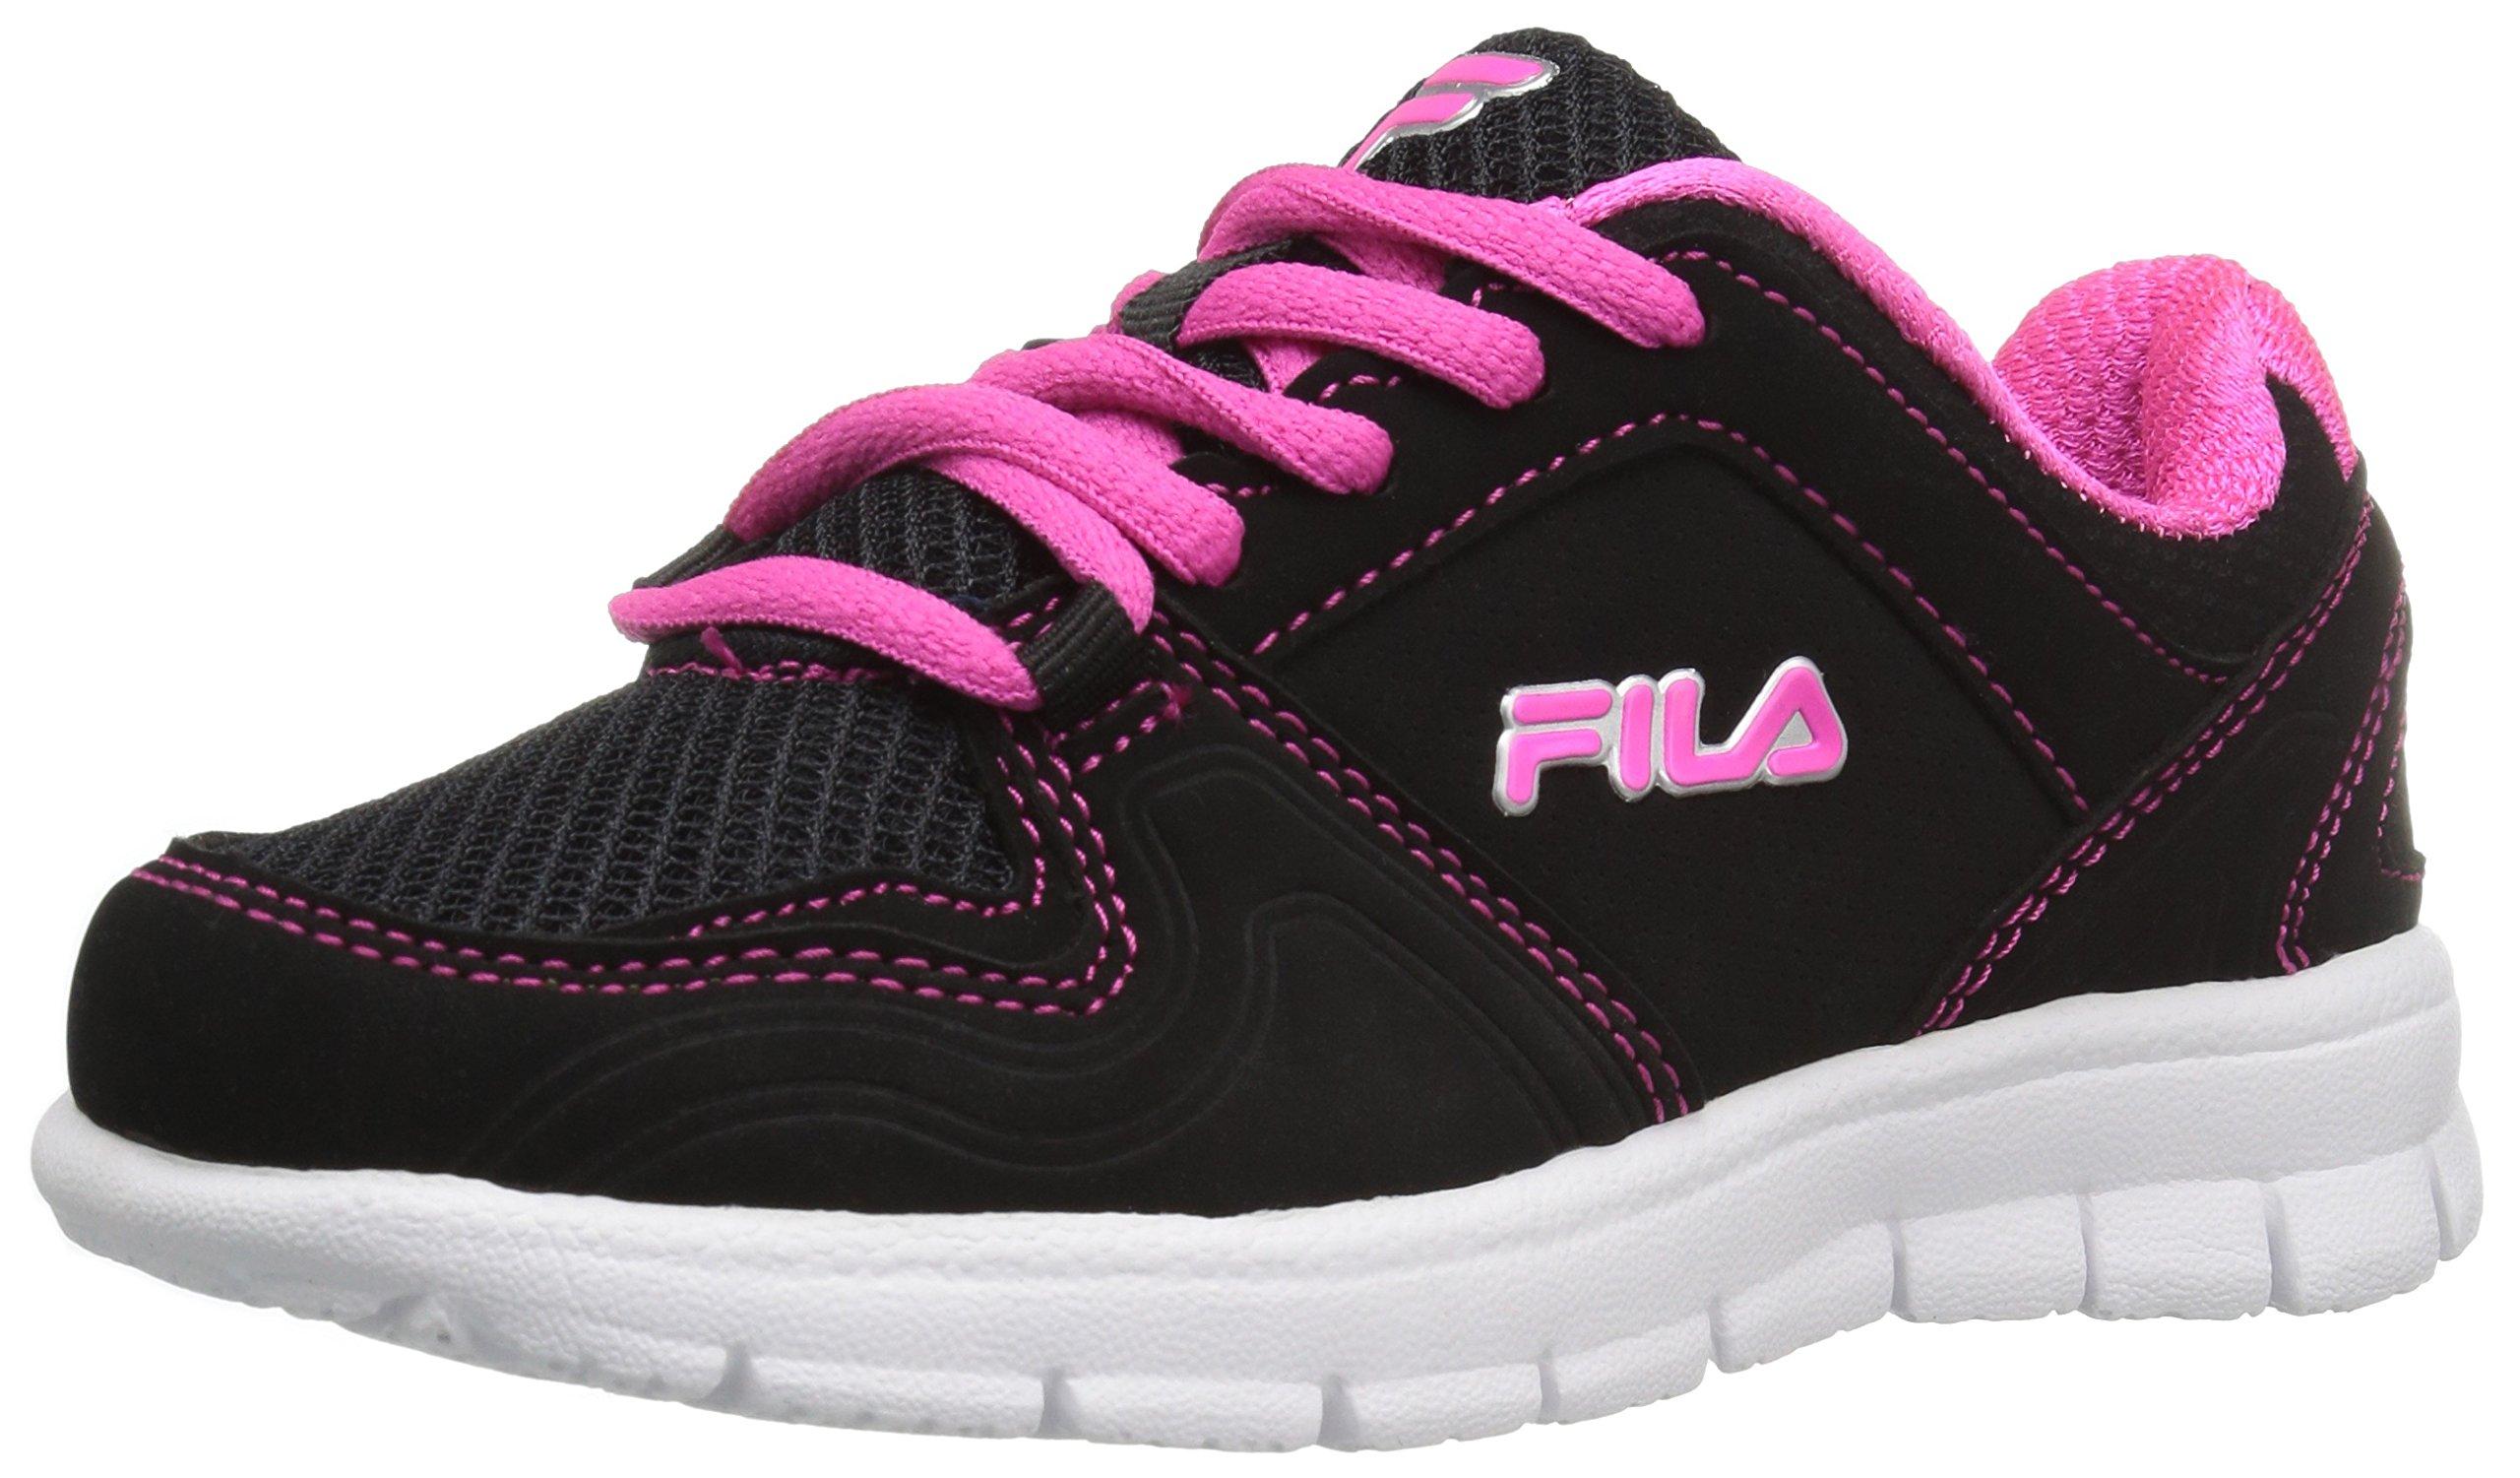 Fila Girls' Speed Runner Skate Shoe